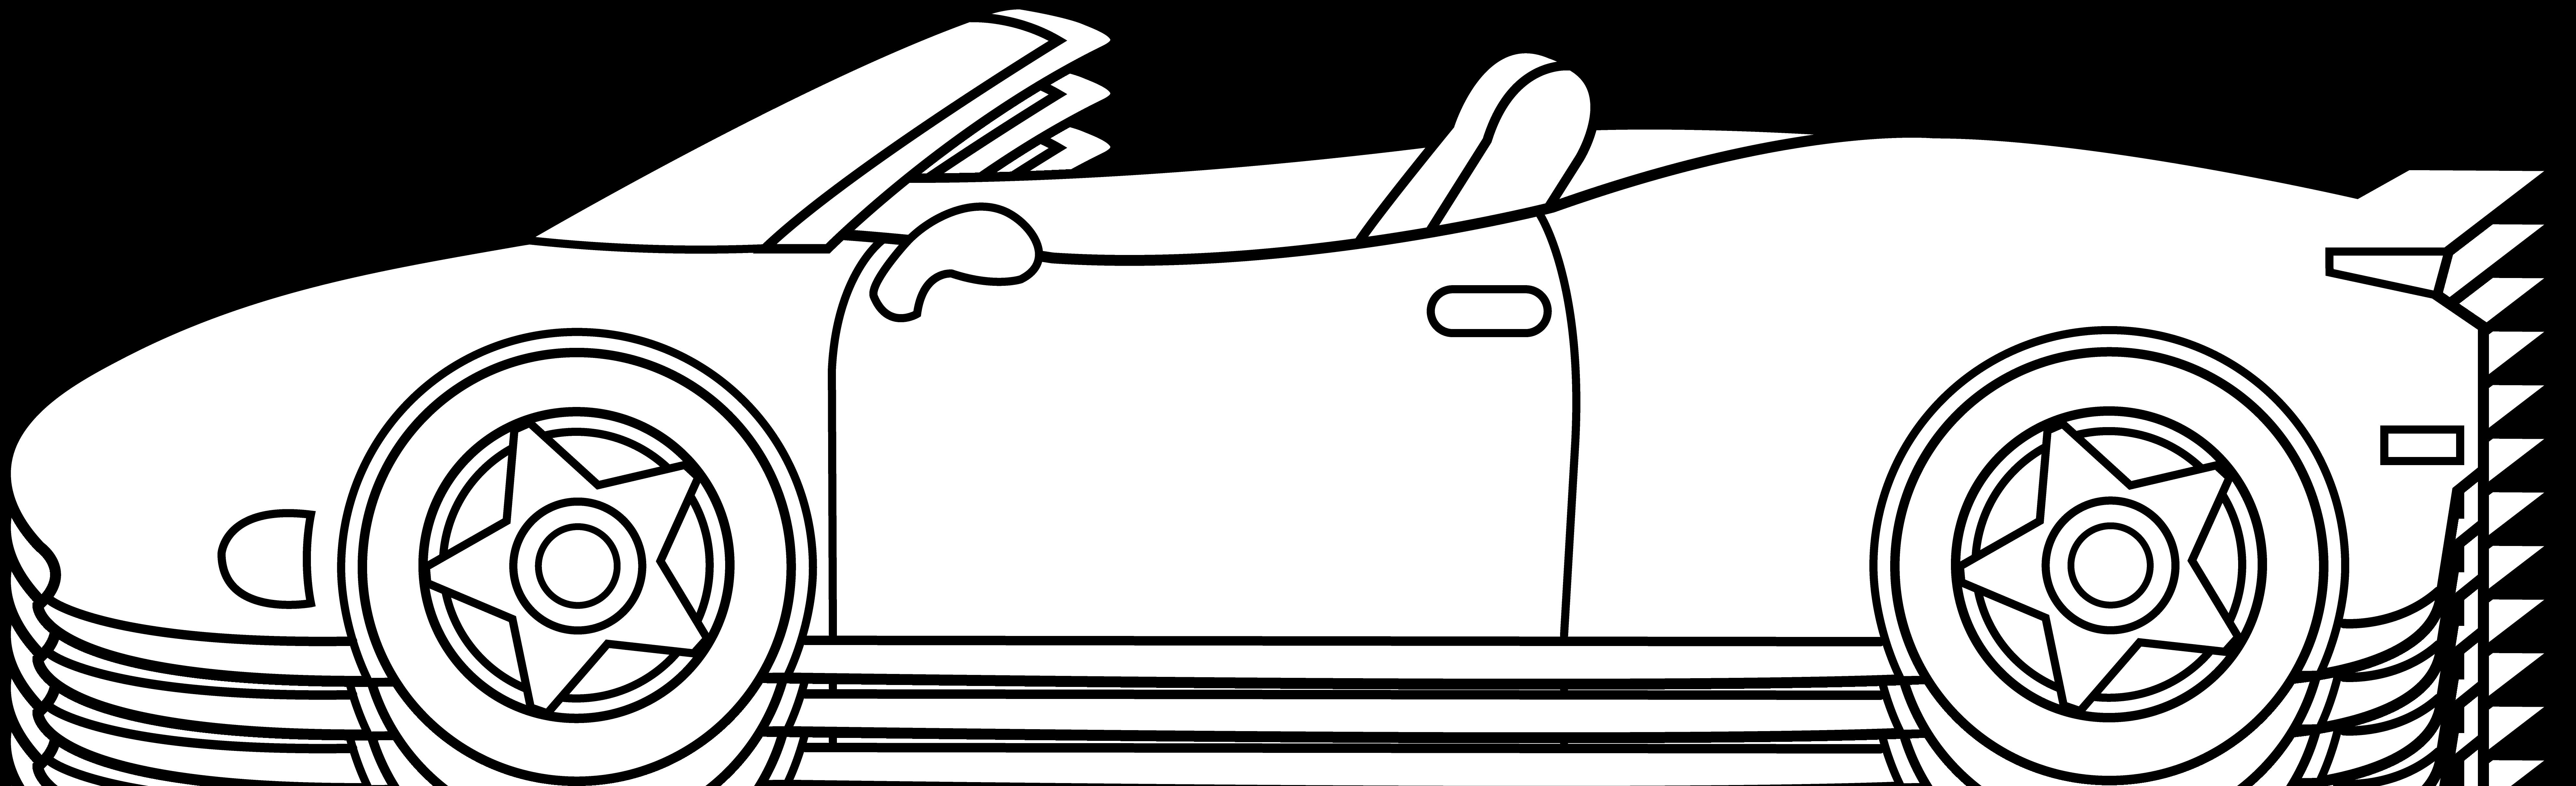 clip free Racecar clipart side view. Cartoon race car clip.